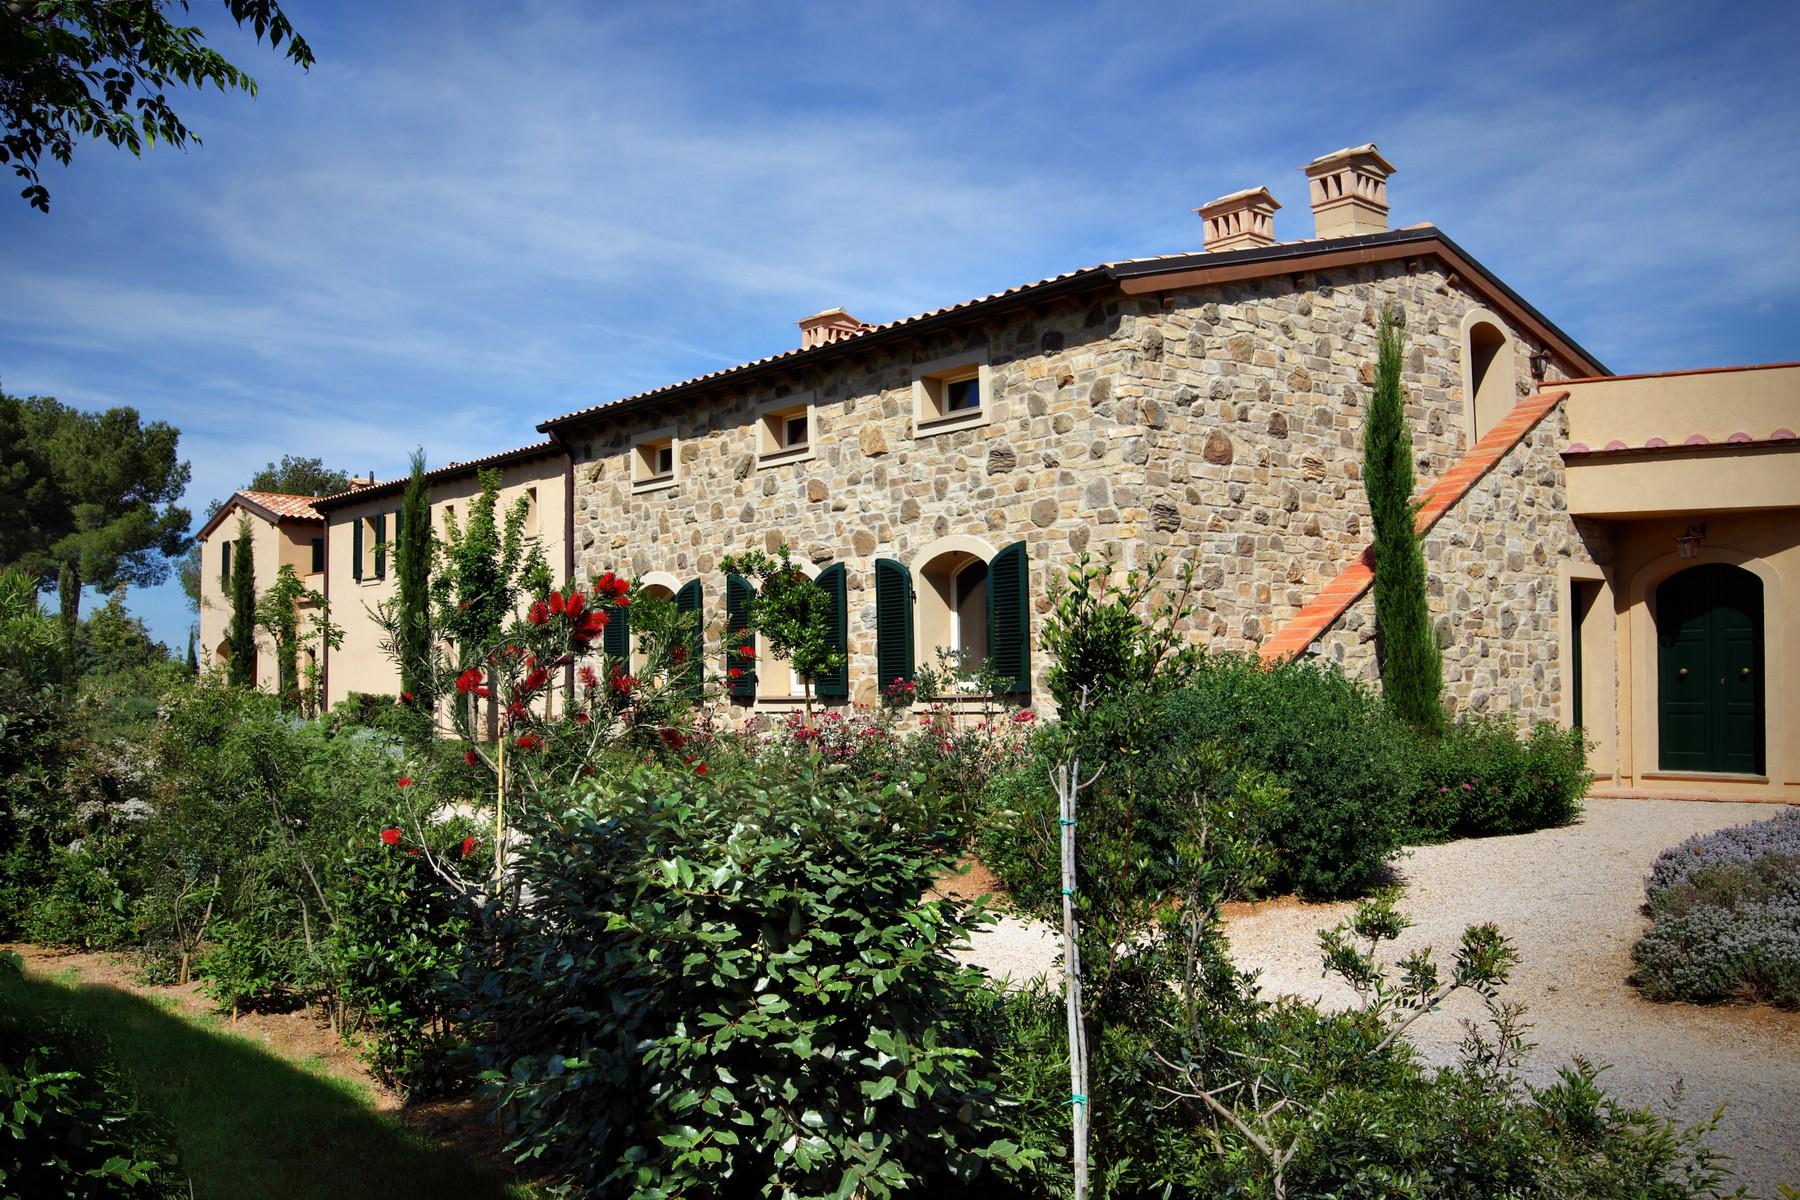 Appartamento in Vendita a Gavorrano: 4 locali, 188 mq - Foto 3